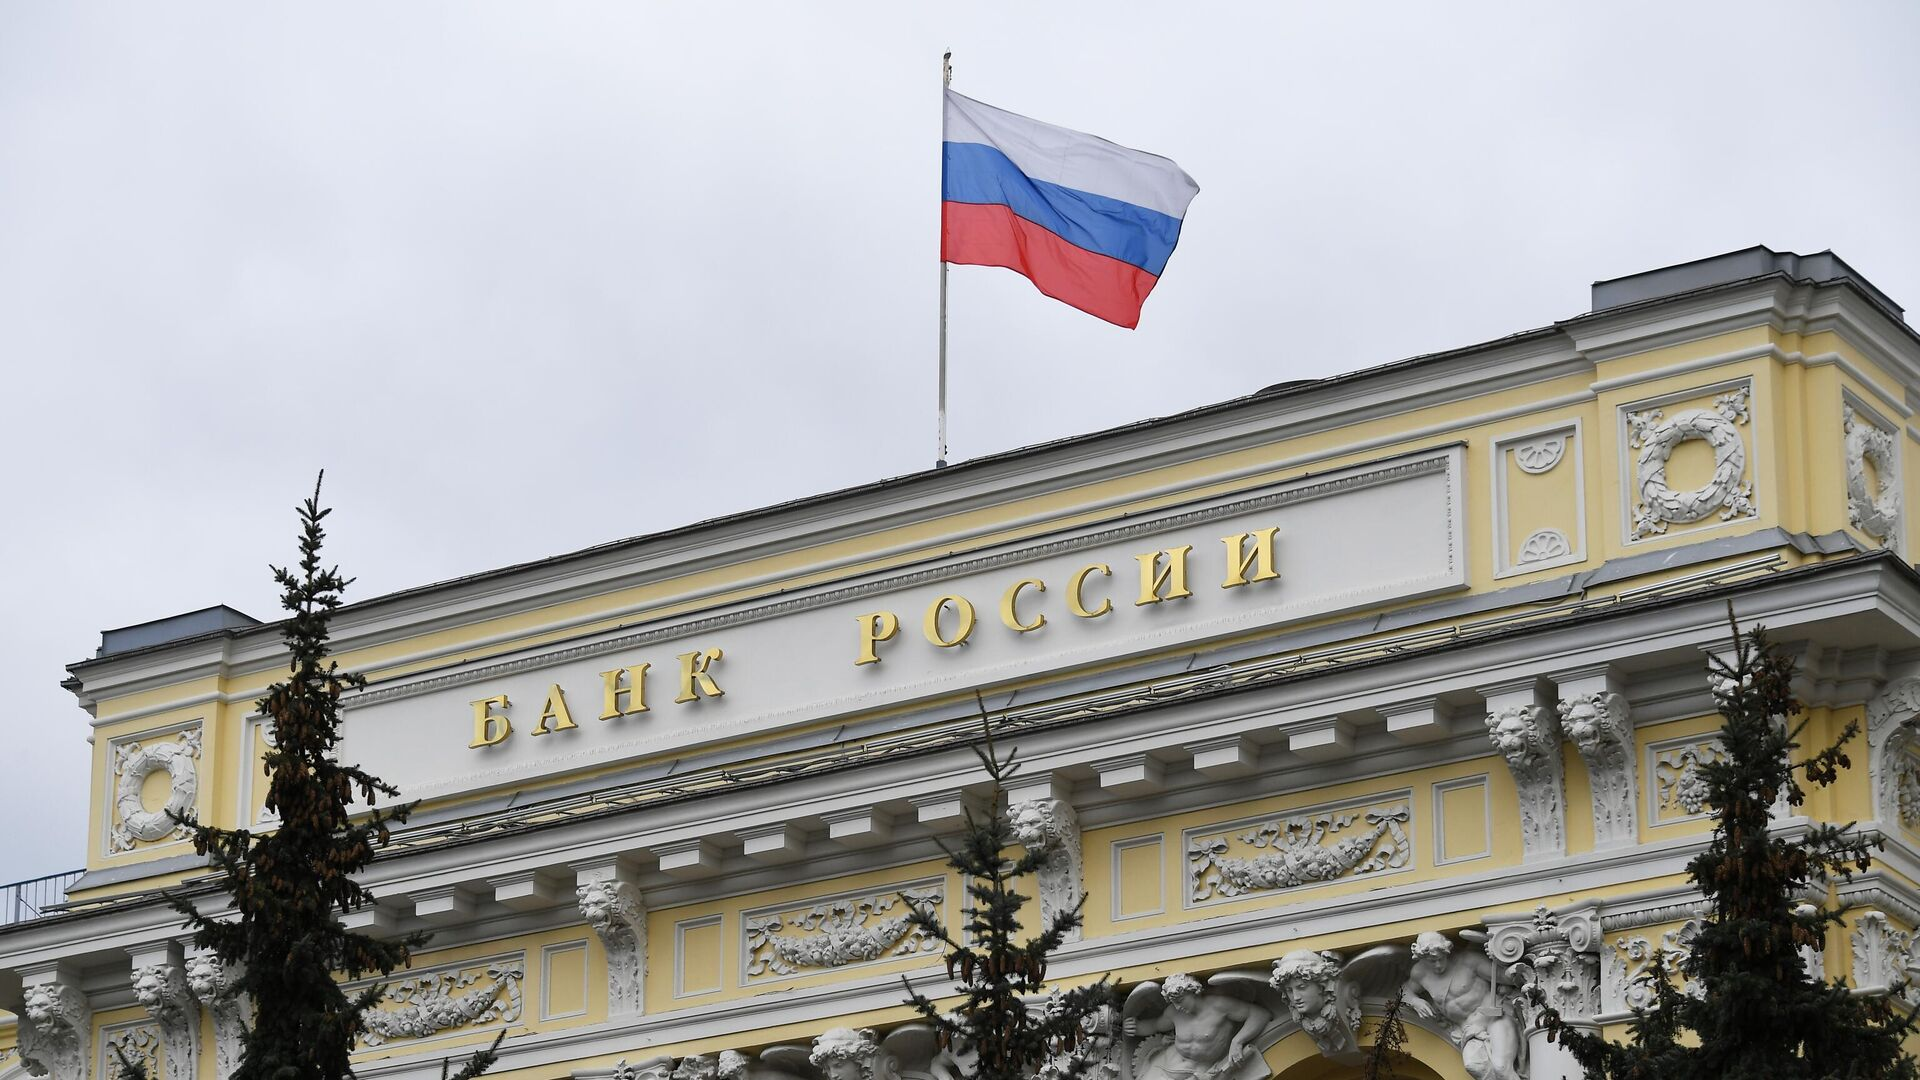 Здание Центрального банка РФ - РИА Новости, 1920, 07.10.2020